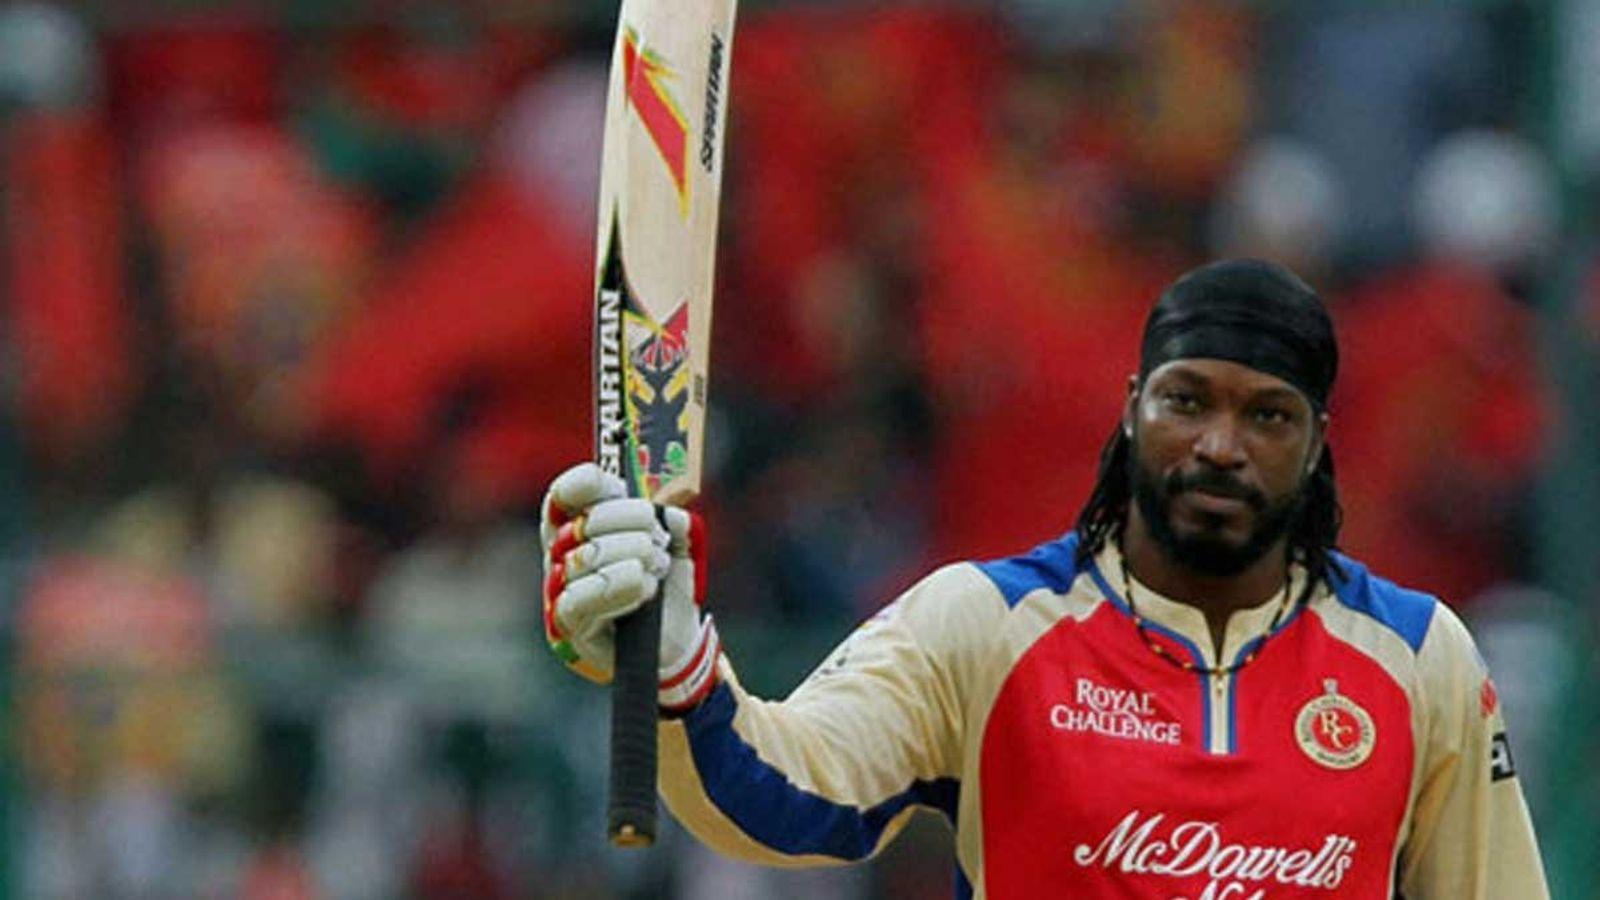 IPL 2021: আইপিএলে ৪ জন খেলোয়াড় যারা একটি ইনিংসে বাউন্ডারি মেরে সর্বাধিক রান করেছেন 2